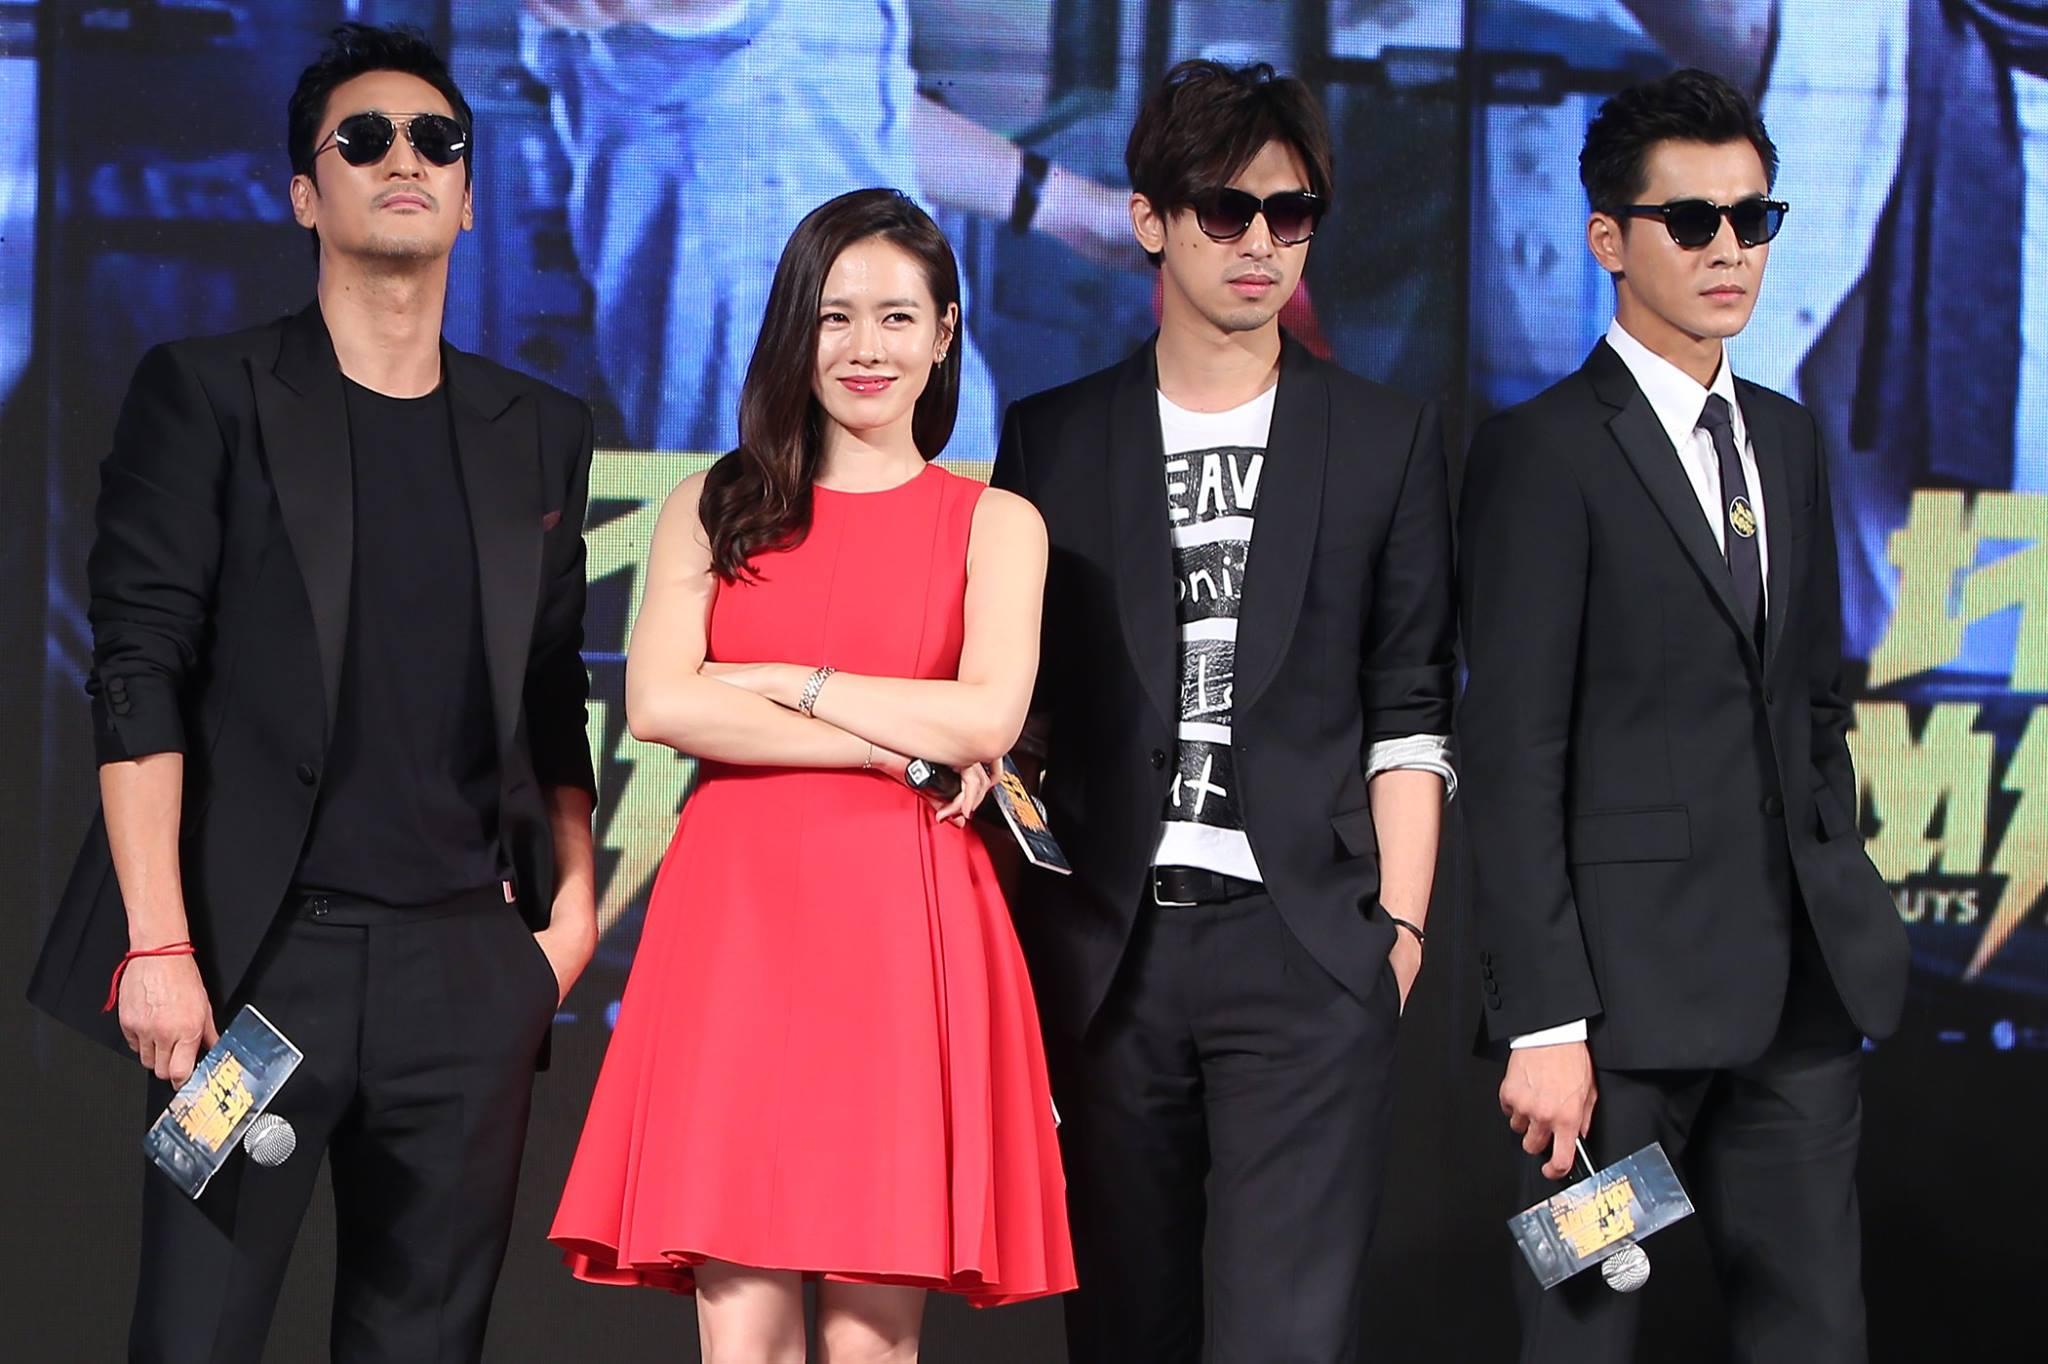 這部是陳柏霖和韓國公司簽約後首部的跨國合作片,主要在敘述男主角所帶領的壞蛋團,在濟州島遇到一位神秘的韓國女子,進而發展的浪漫驚險搞笑故事XD感覺就蠻好笑的,好想聽大仁哥講韓文(*゚∀゚*)電影預計12月在韓國上映呦